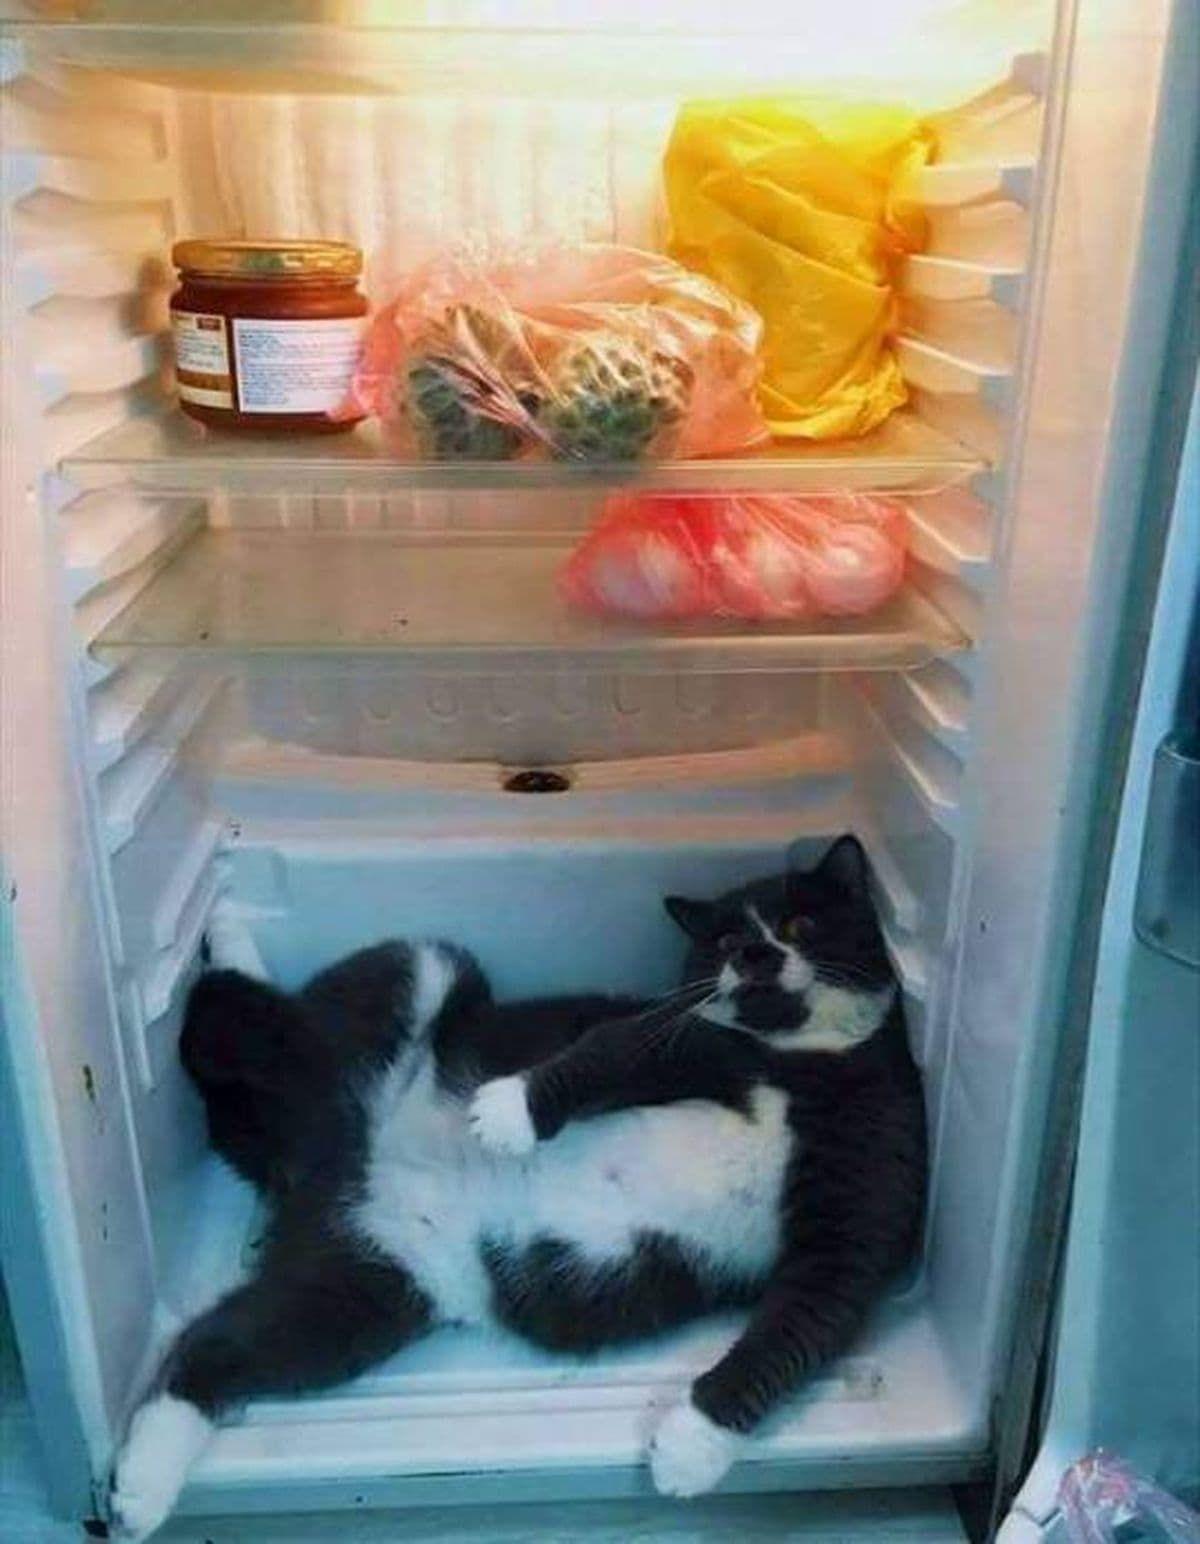 Der Grund für das ständige Nachsehen im Kühlschrank